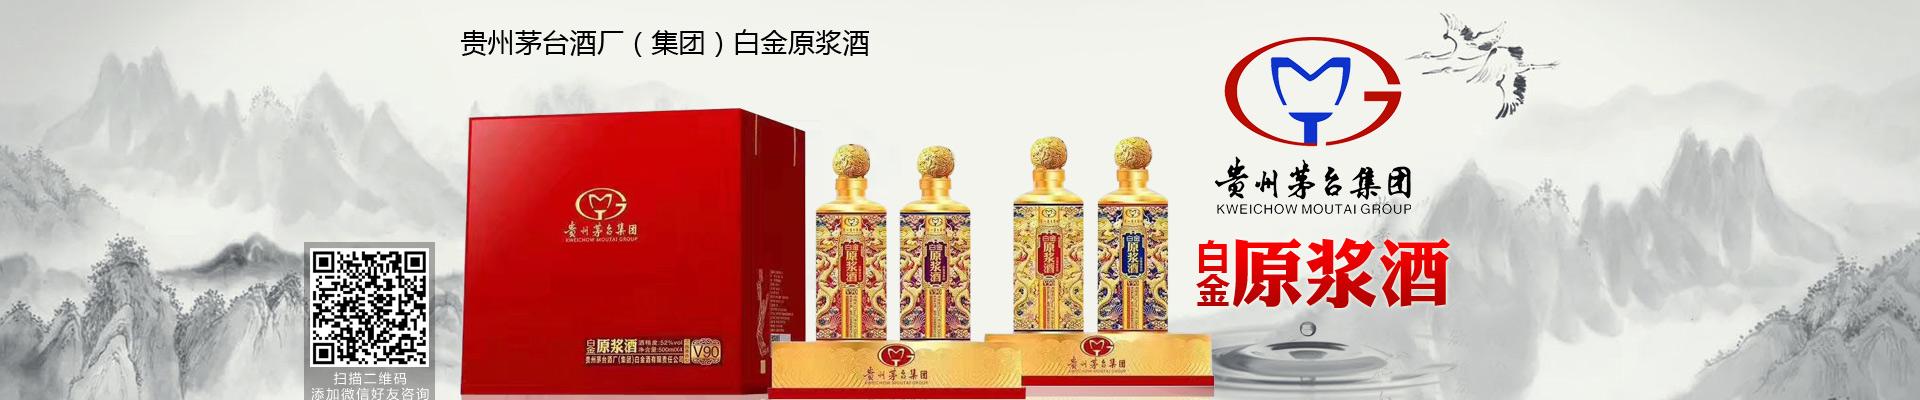 贵州茅台酒厂(集团)白金原浆酒